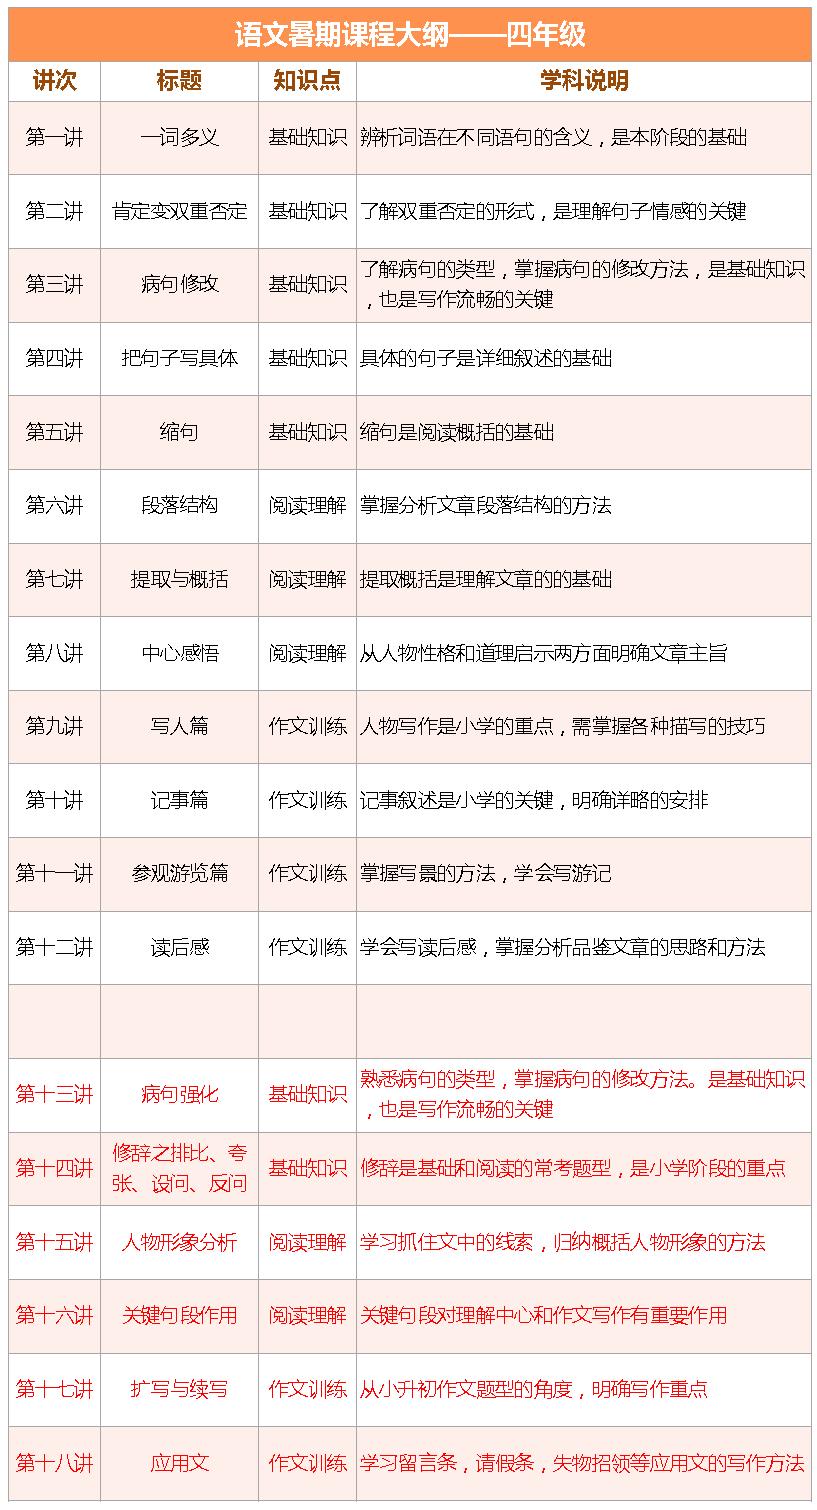 2017上海�壑强凳钇�1��1――小�W四年��Z文